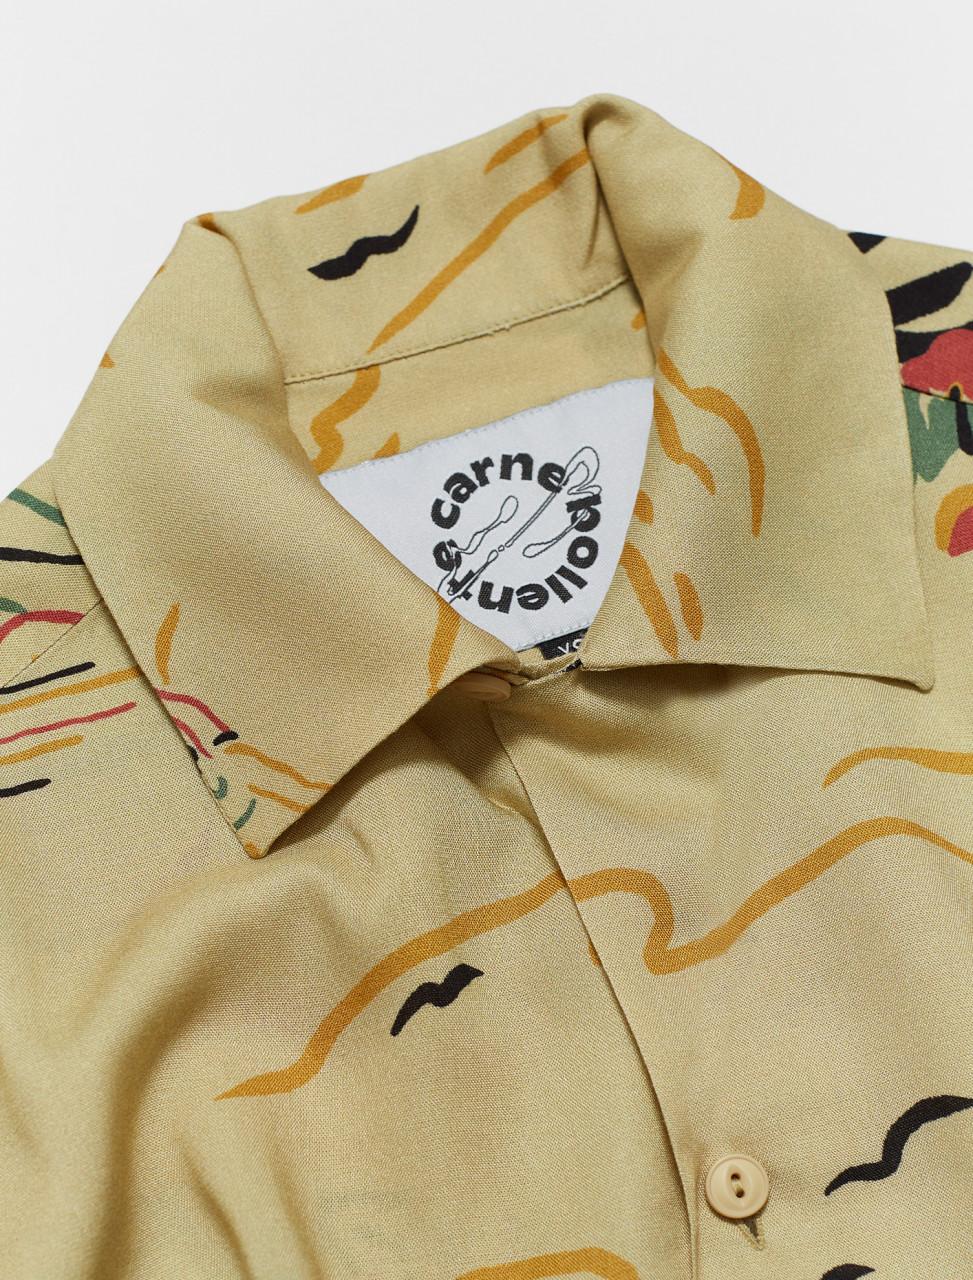 Carne Bollente Hawaiian Squirt Shirt in Beige   Voo Store